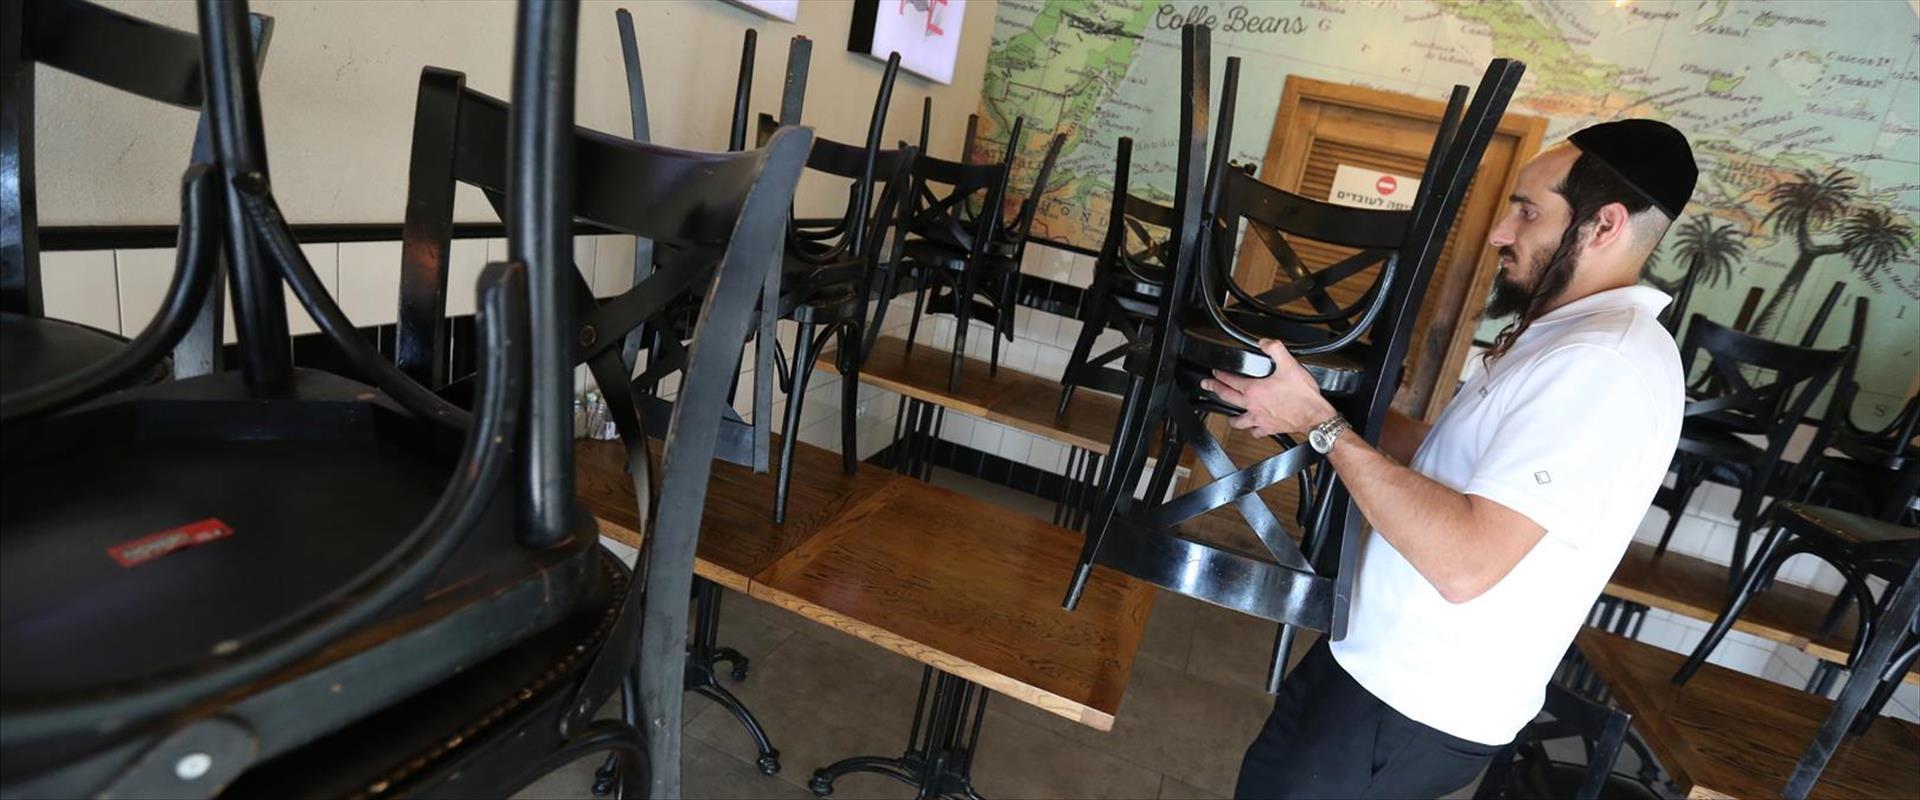 בית קפה בראש פינה